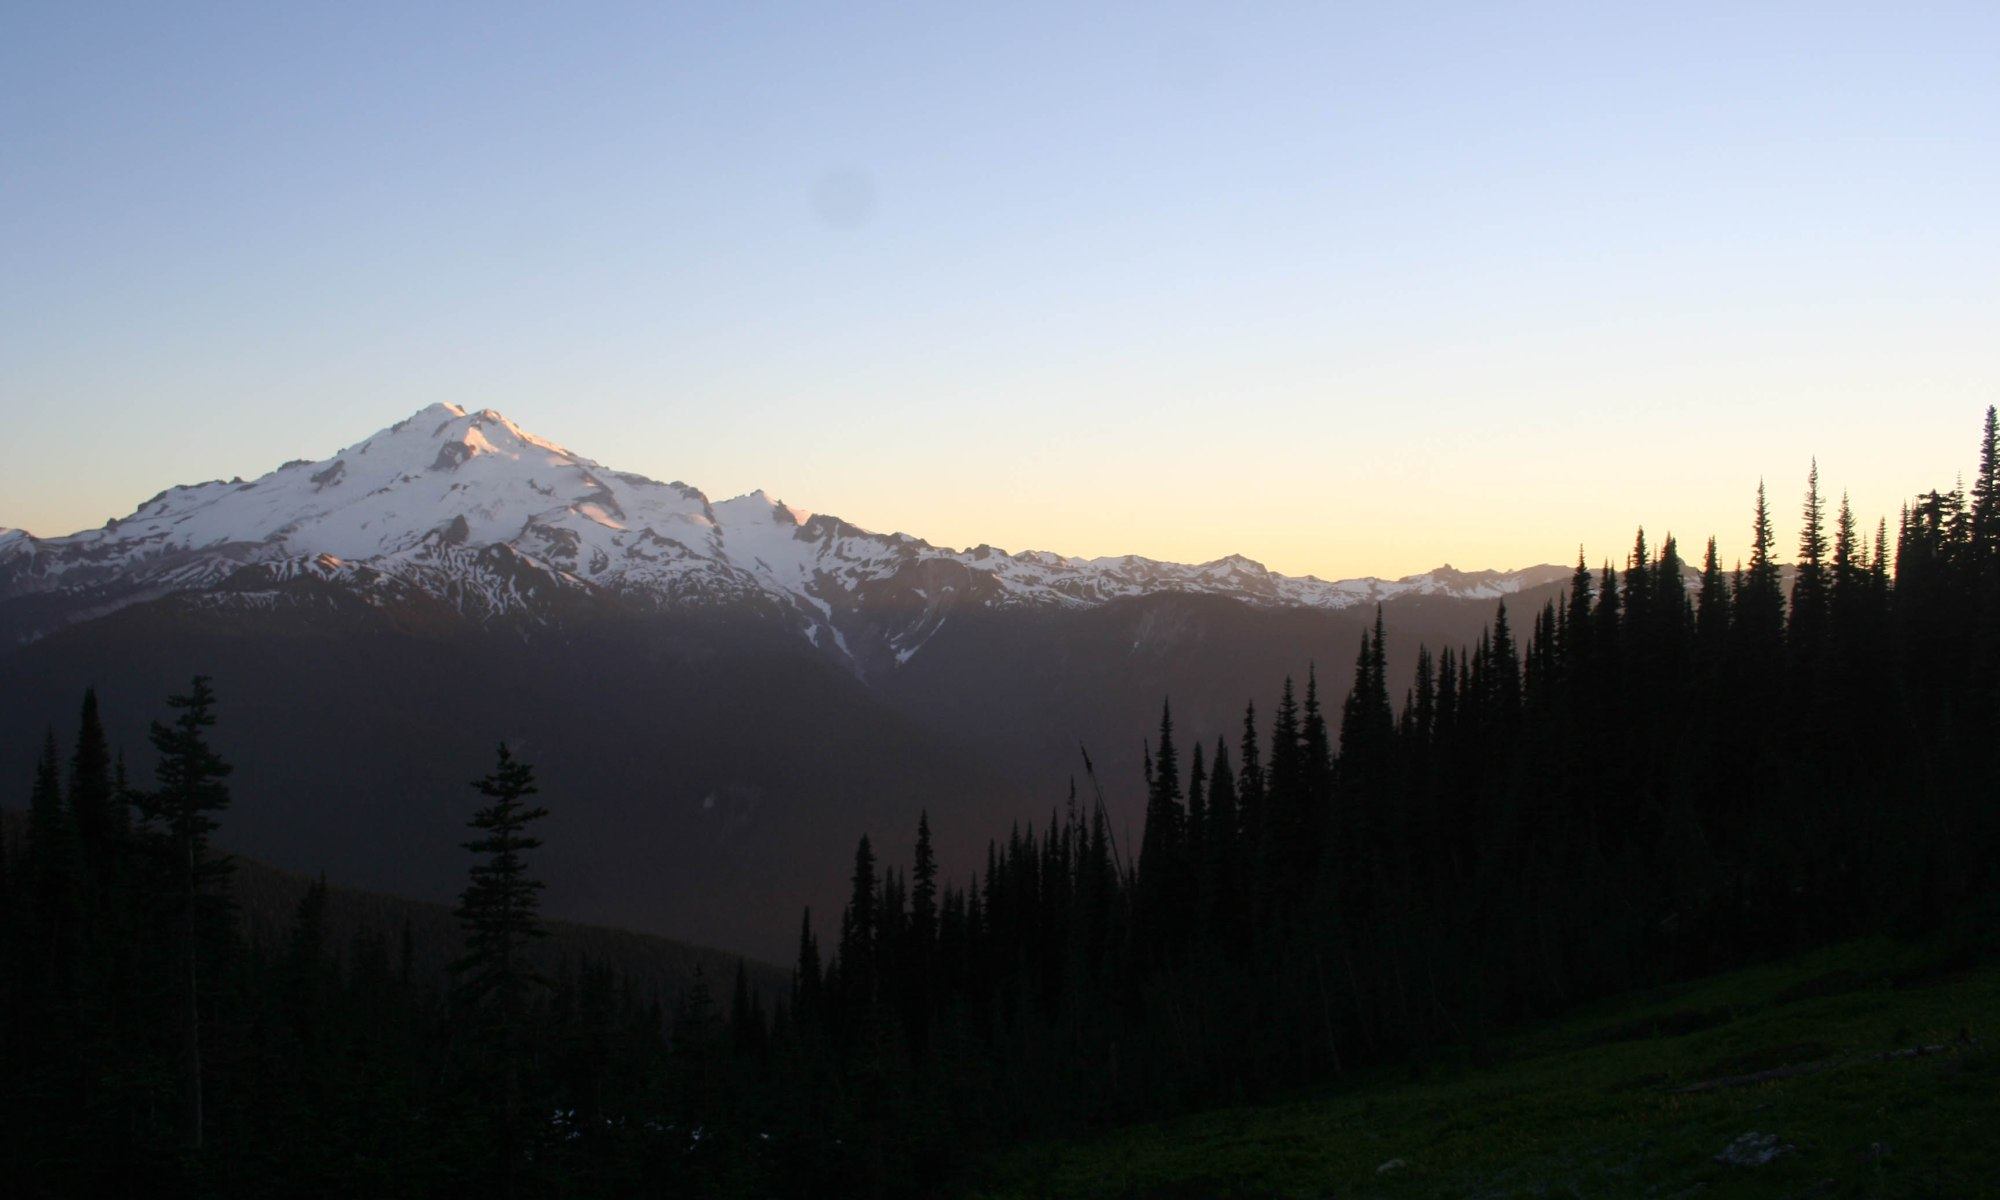 Glacier Peak, Mariel Vinge, 2012